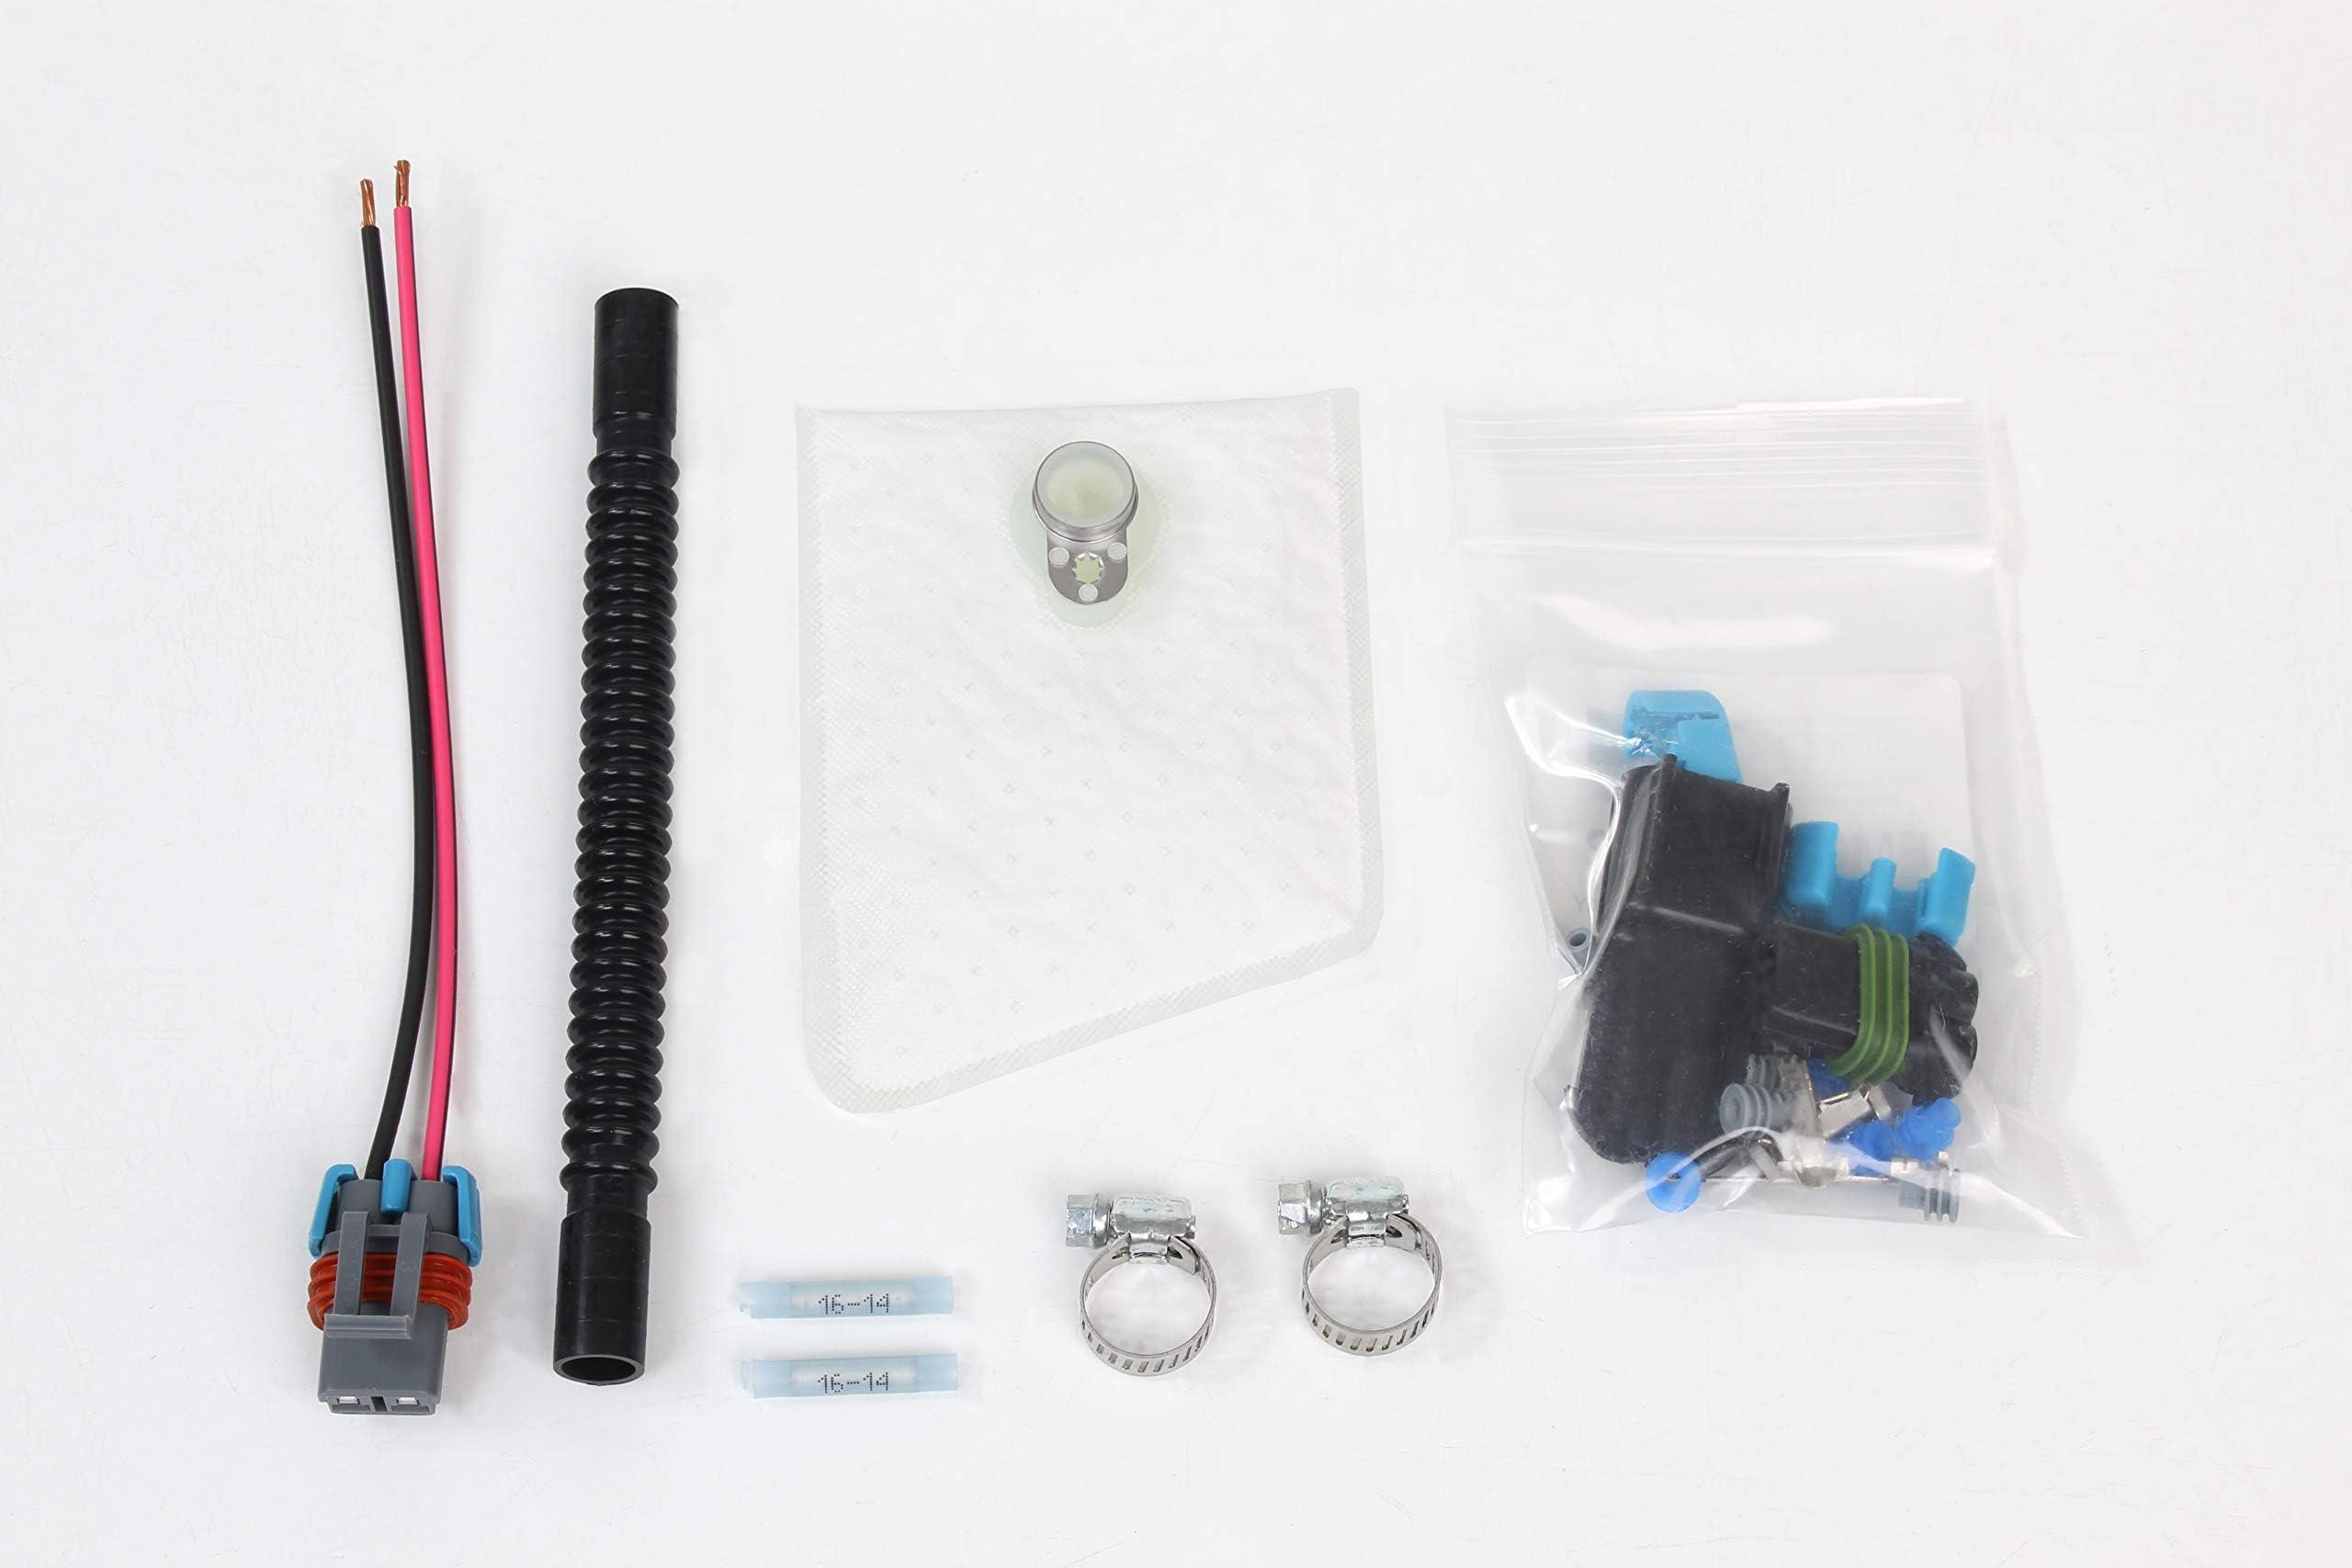 HFP-K125-190/Fuel Pump Install Kit for Walbro//TI F90000267 F90000274 F90000285 F90000295 450LPH E85